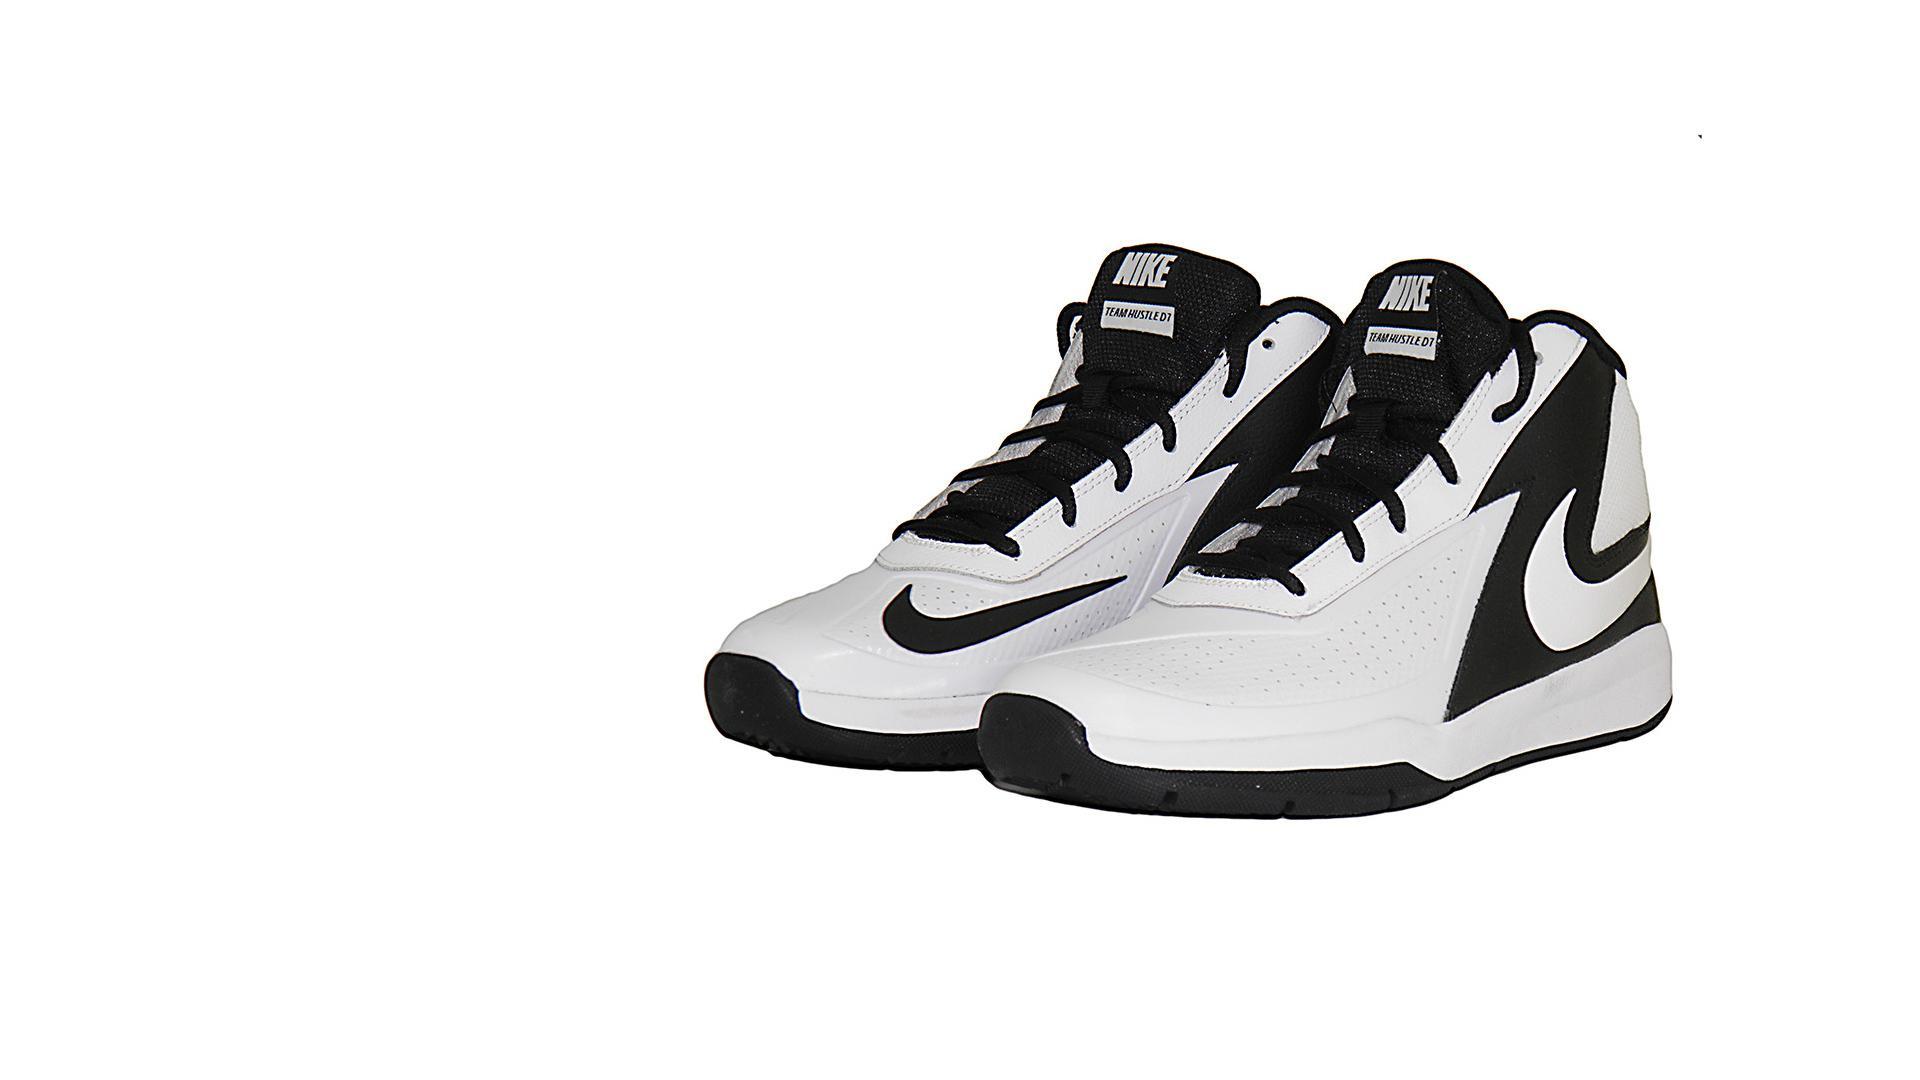 Basketball Shoes - Lady Leshurr